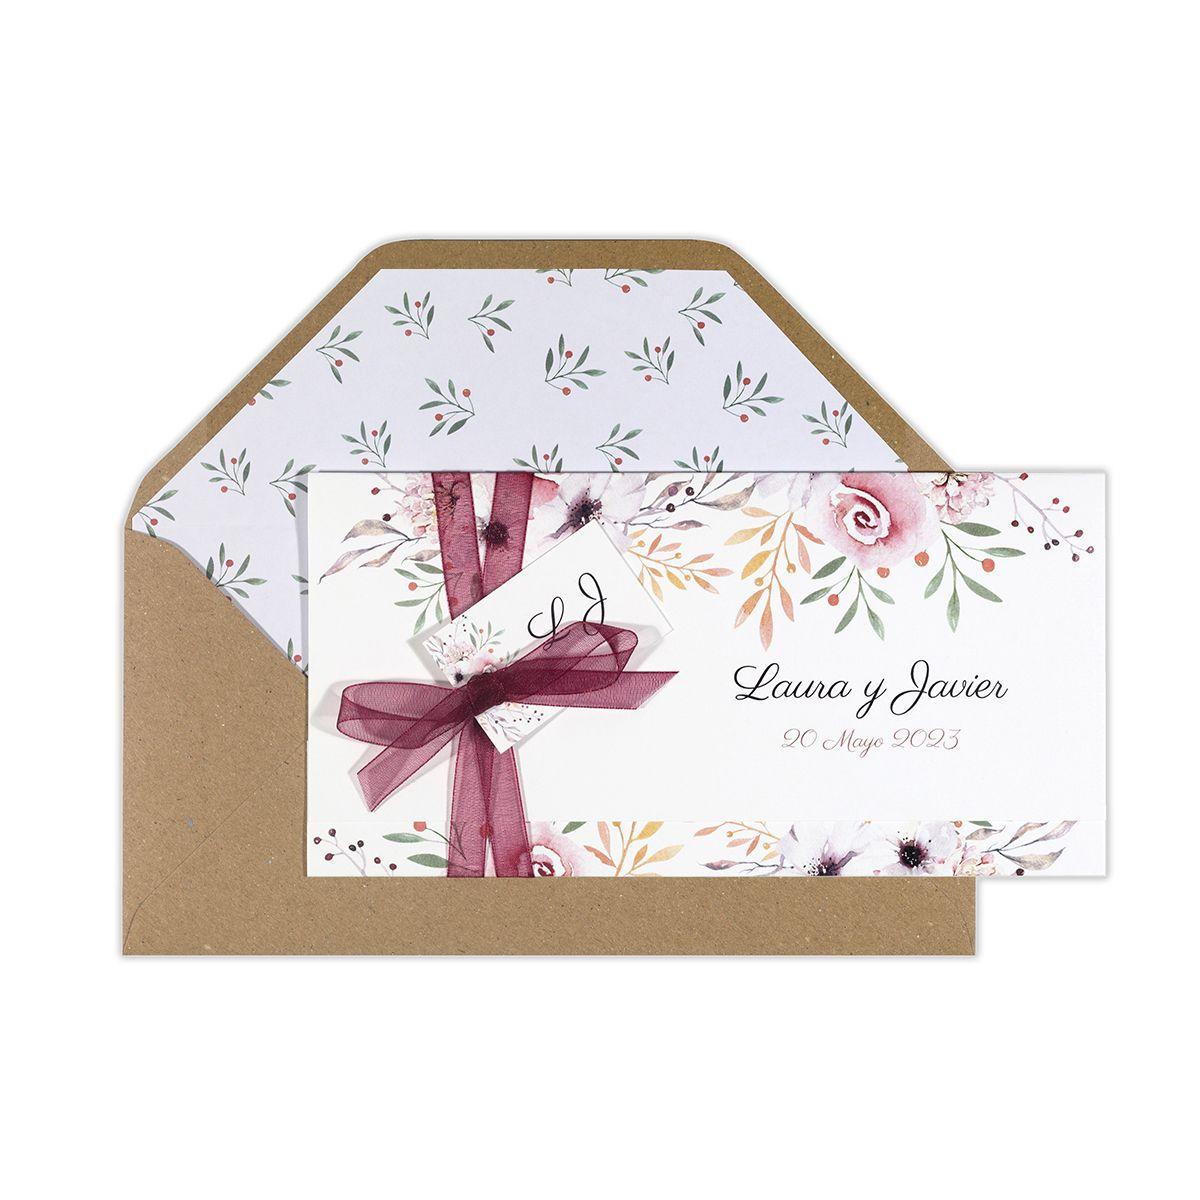 Invitación boda Winona Design